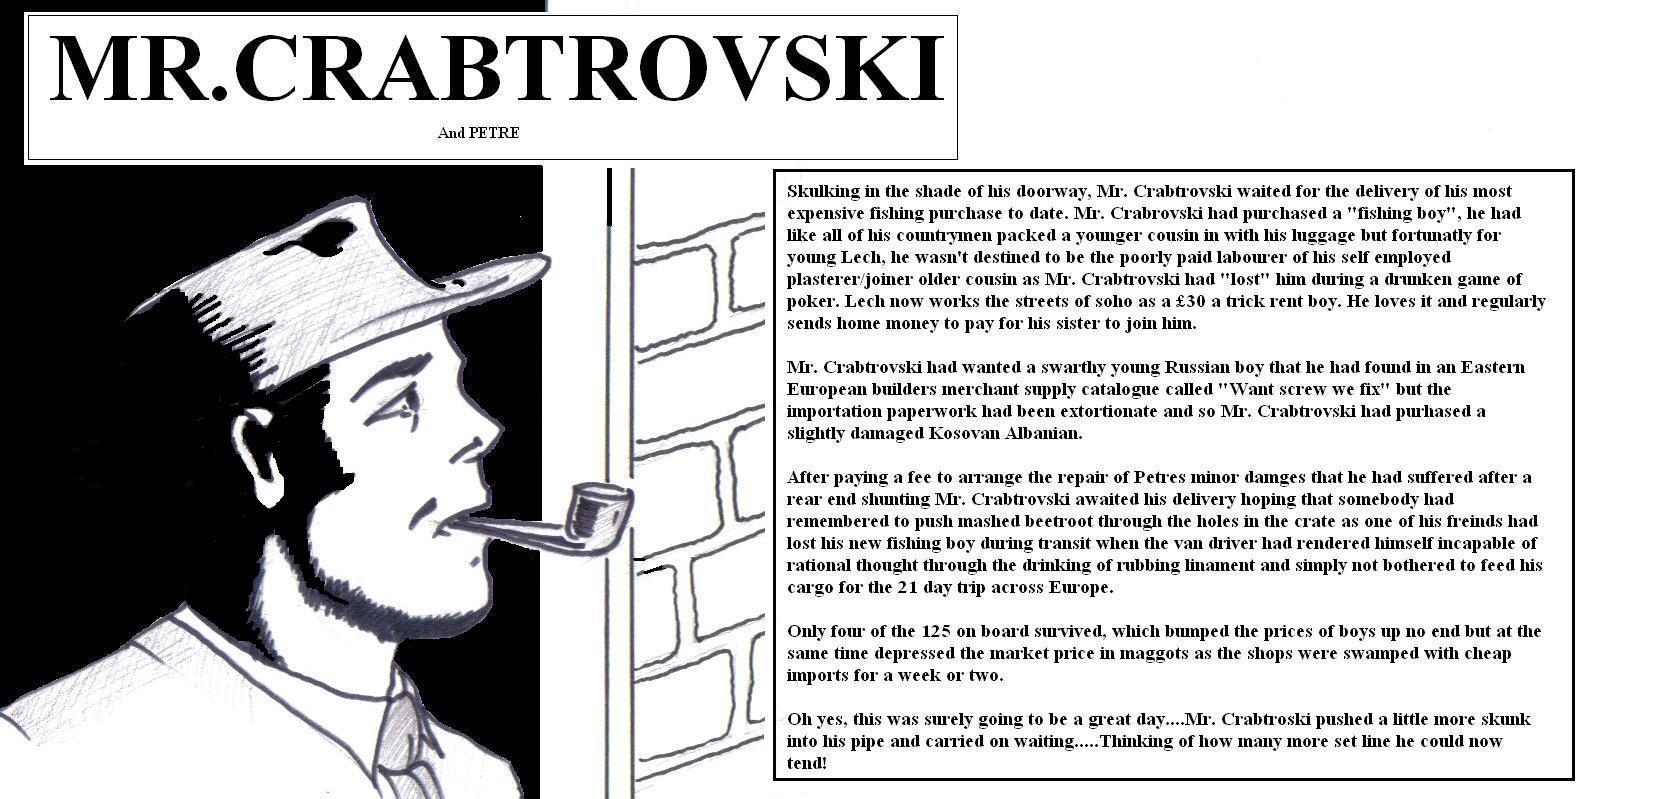 crabtrovski 1